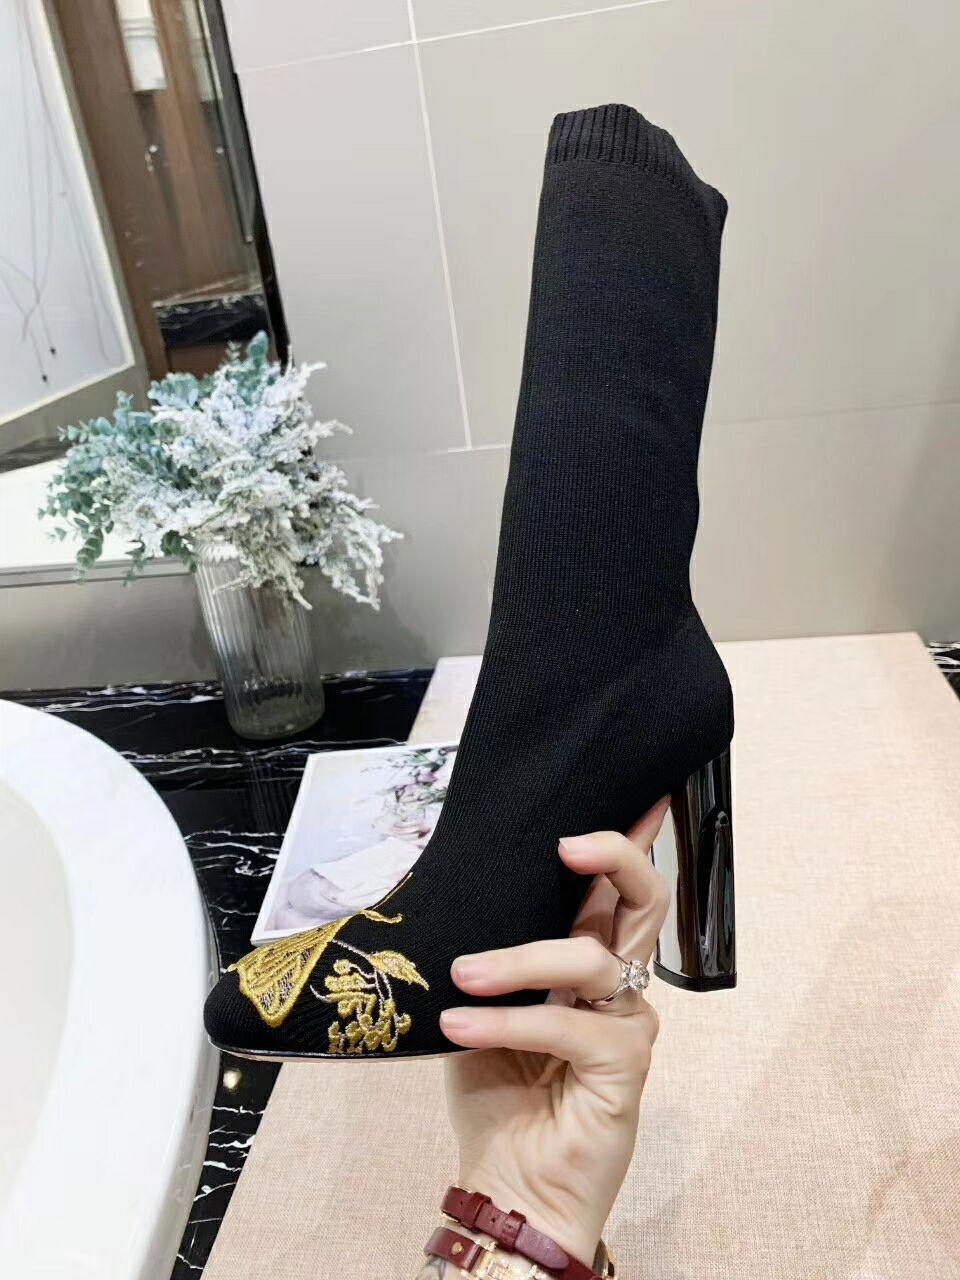 핫 Sale- 고전적인 스타일의 고급 디자이너 부츠 패션 워메의 신발 패션 신발 폐쇄 마틴 놓은 양말 부츠를 부팅